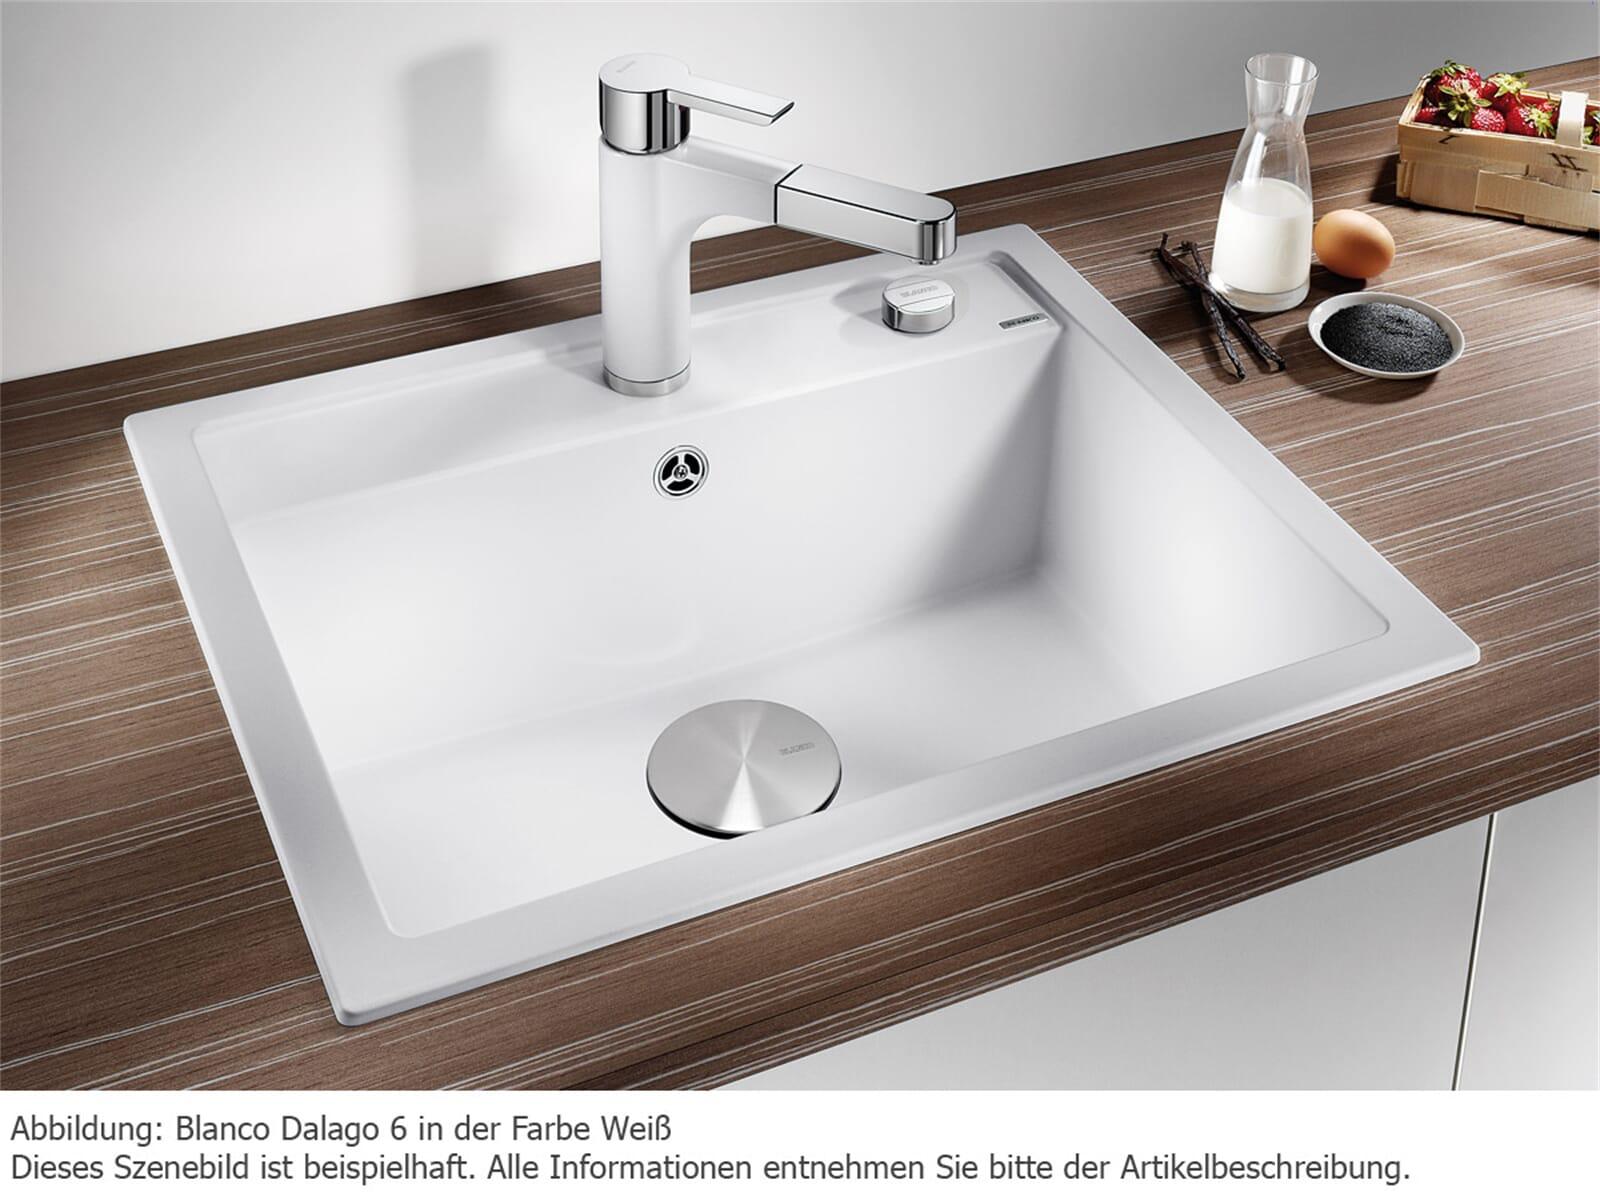 blanco dalago 6 anthrazit granit sp le f r 264 90 eur. Black Bedroom Furniture Sets. Home Design Ideas